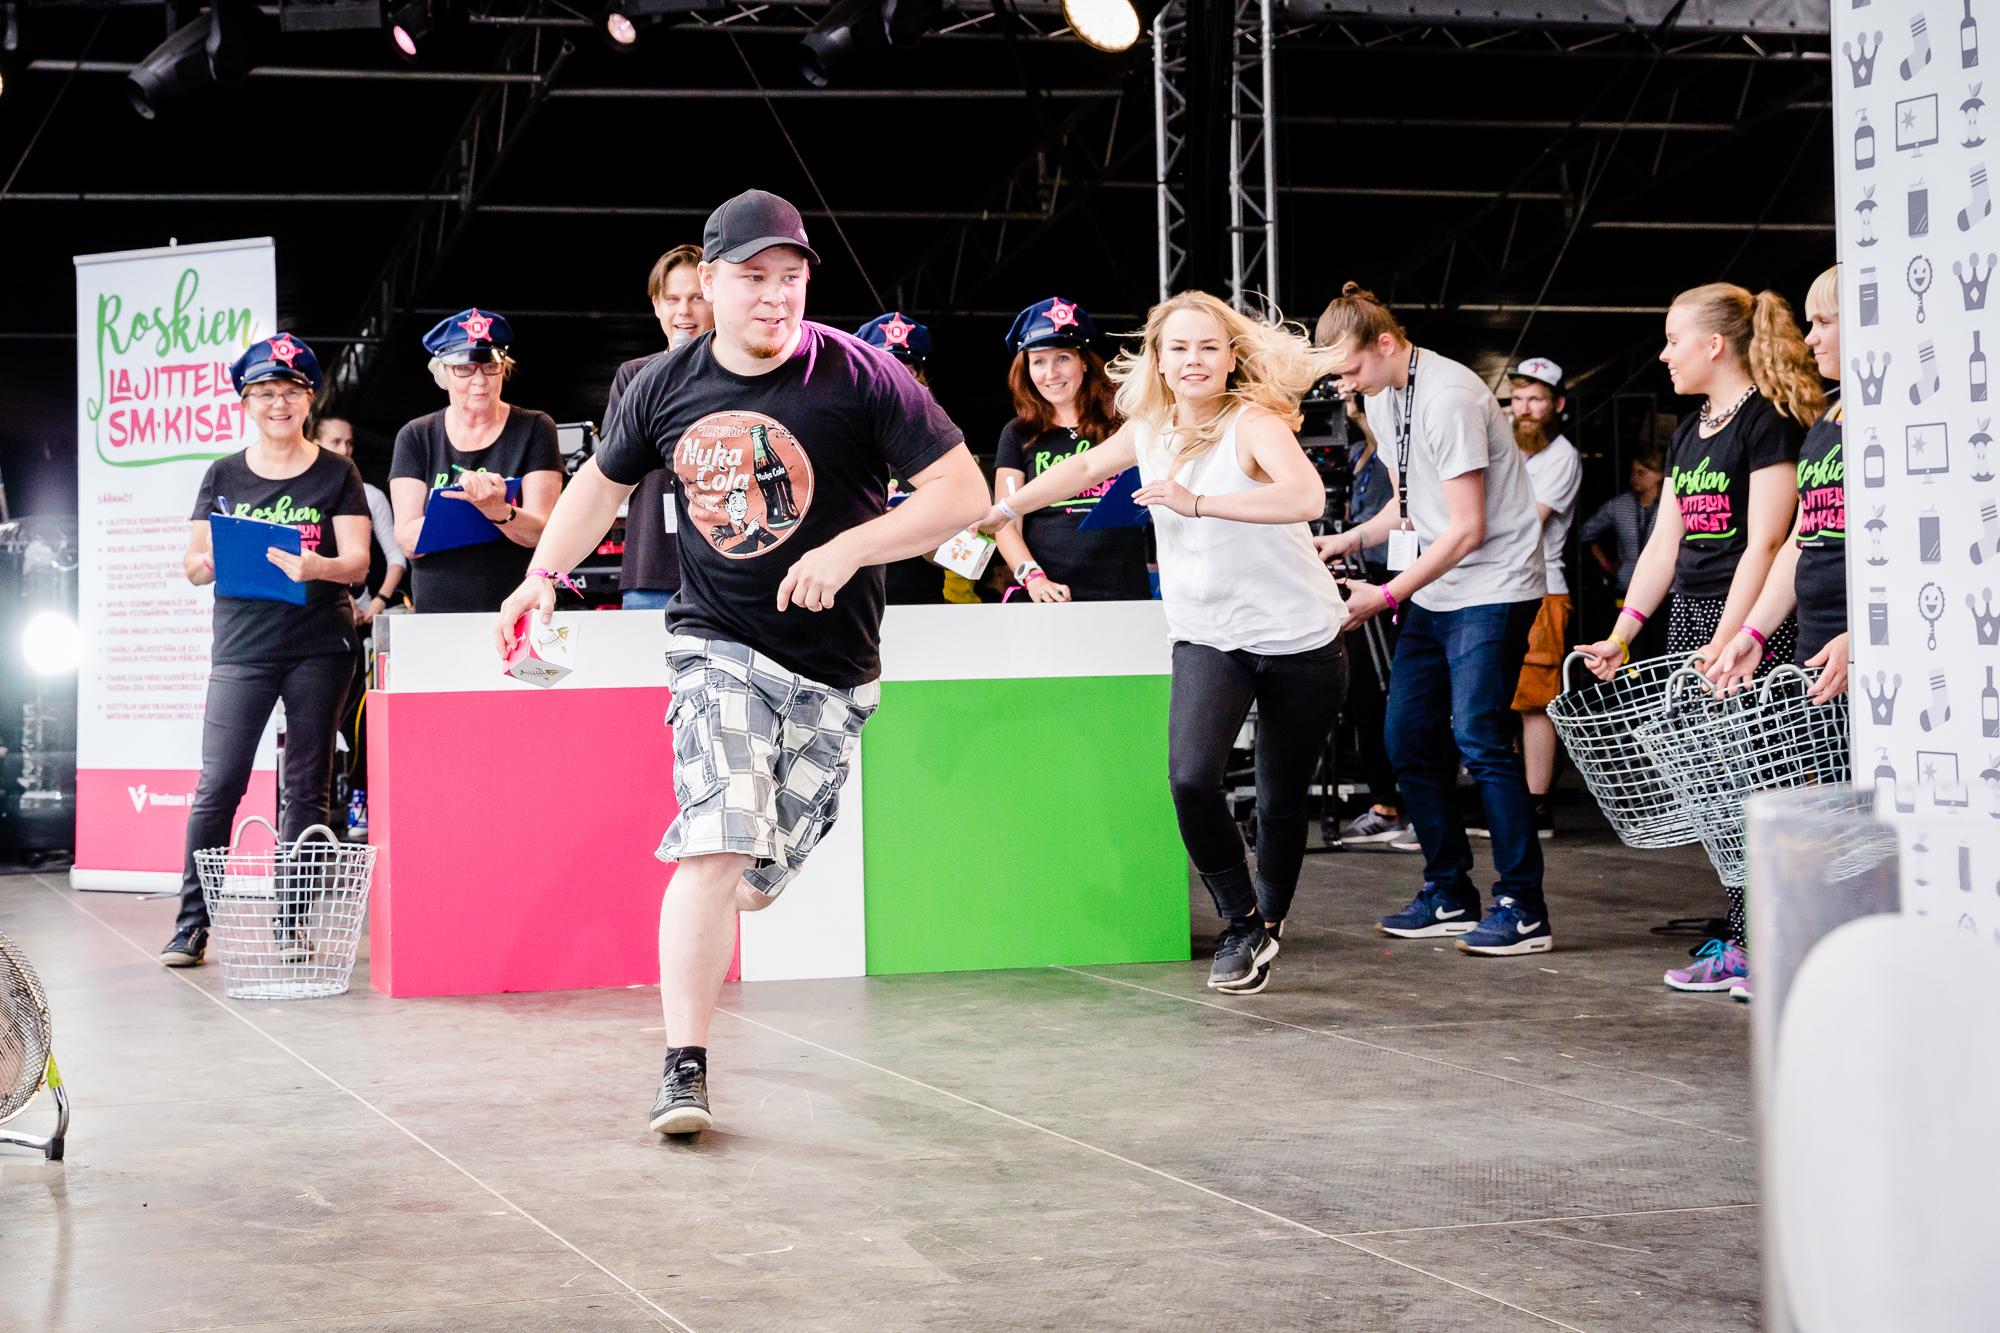 Viime kesän Roskien lajittelun SM-kisojen finaalissa riitti vauhtia. (Kuva Hanna Tyrväinen)